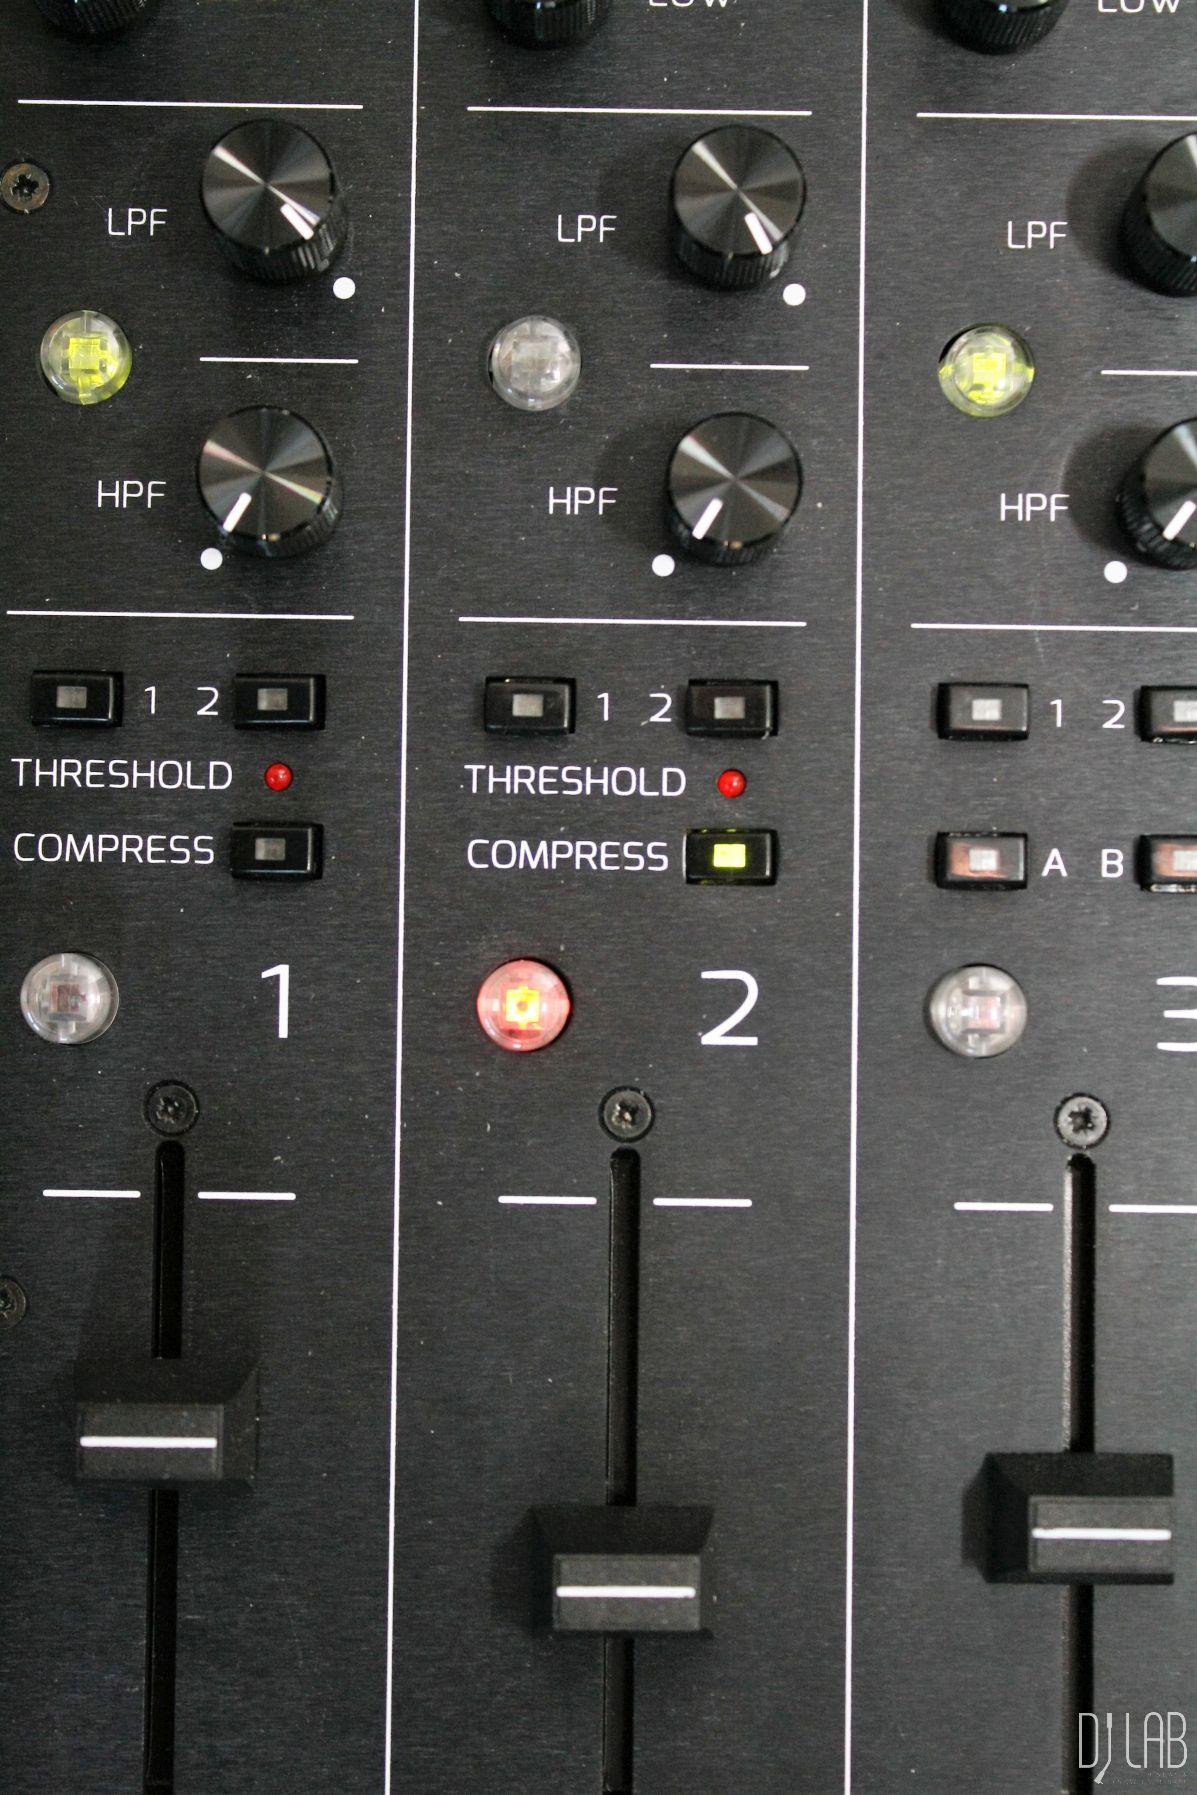 Kanal 1+2 sind mit Kompressoren ausgestattet